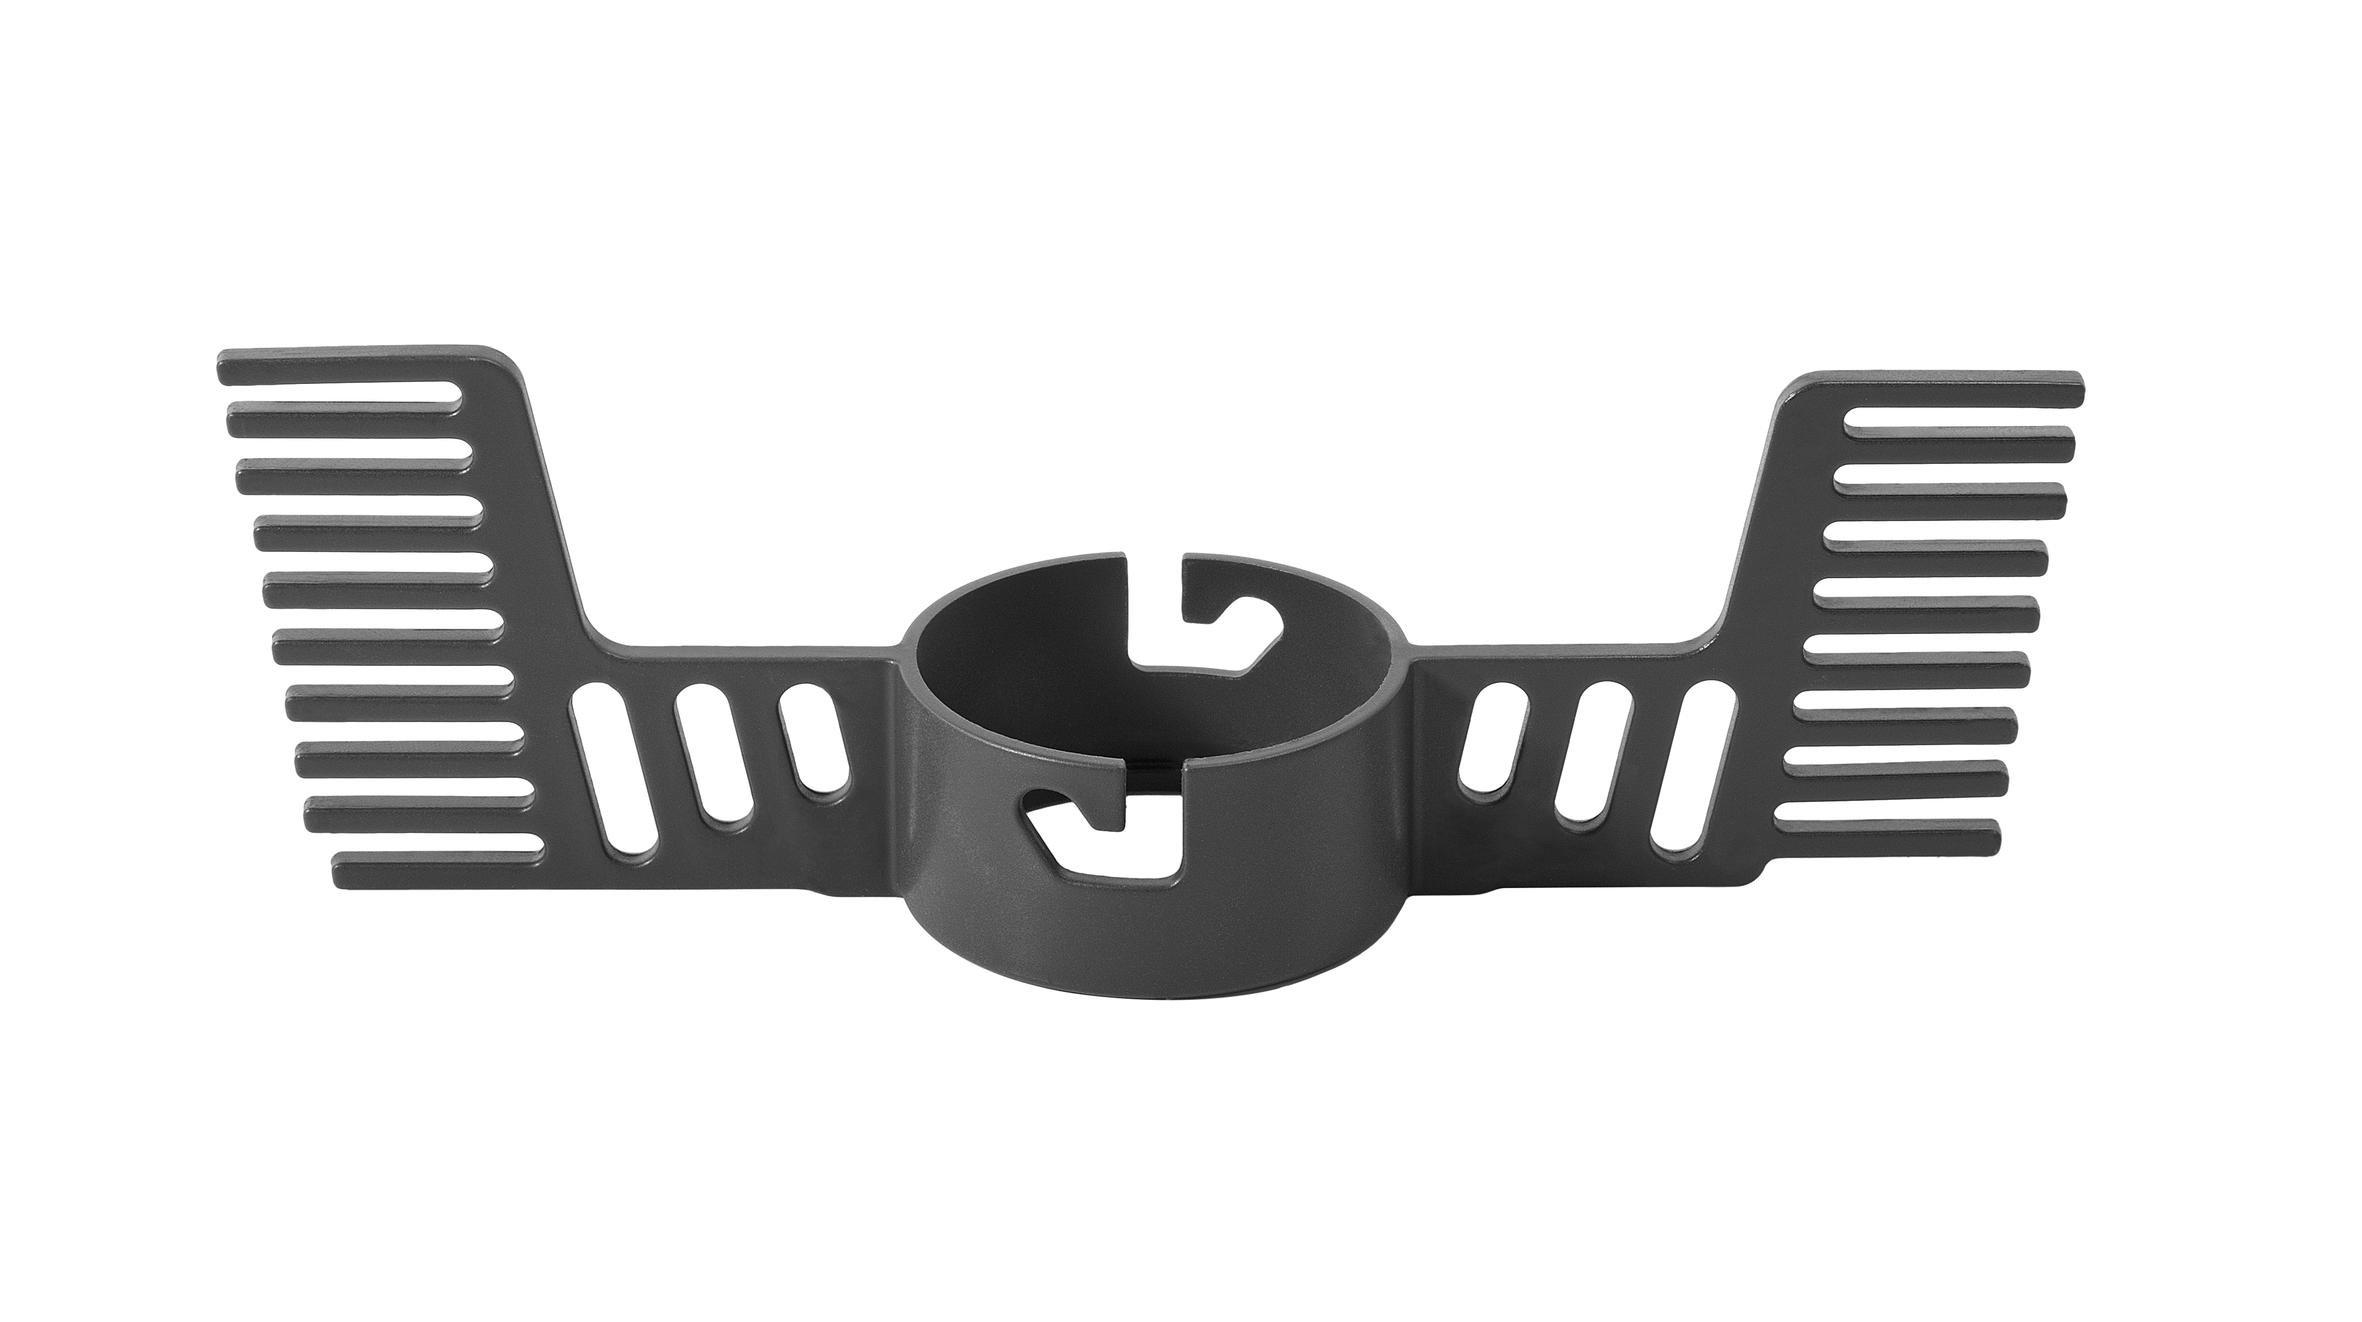 Moulinex-Kchenmaschine-doppelte-Strke